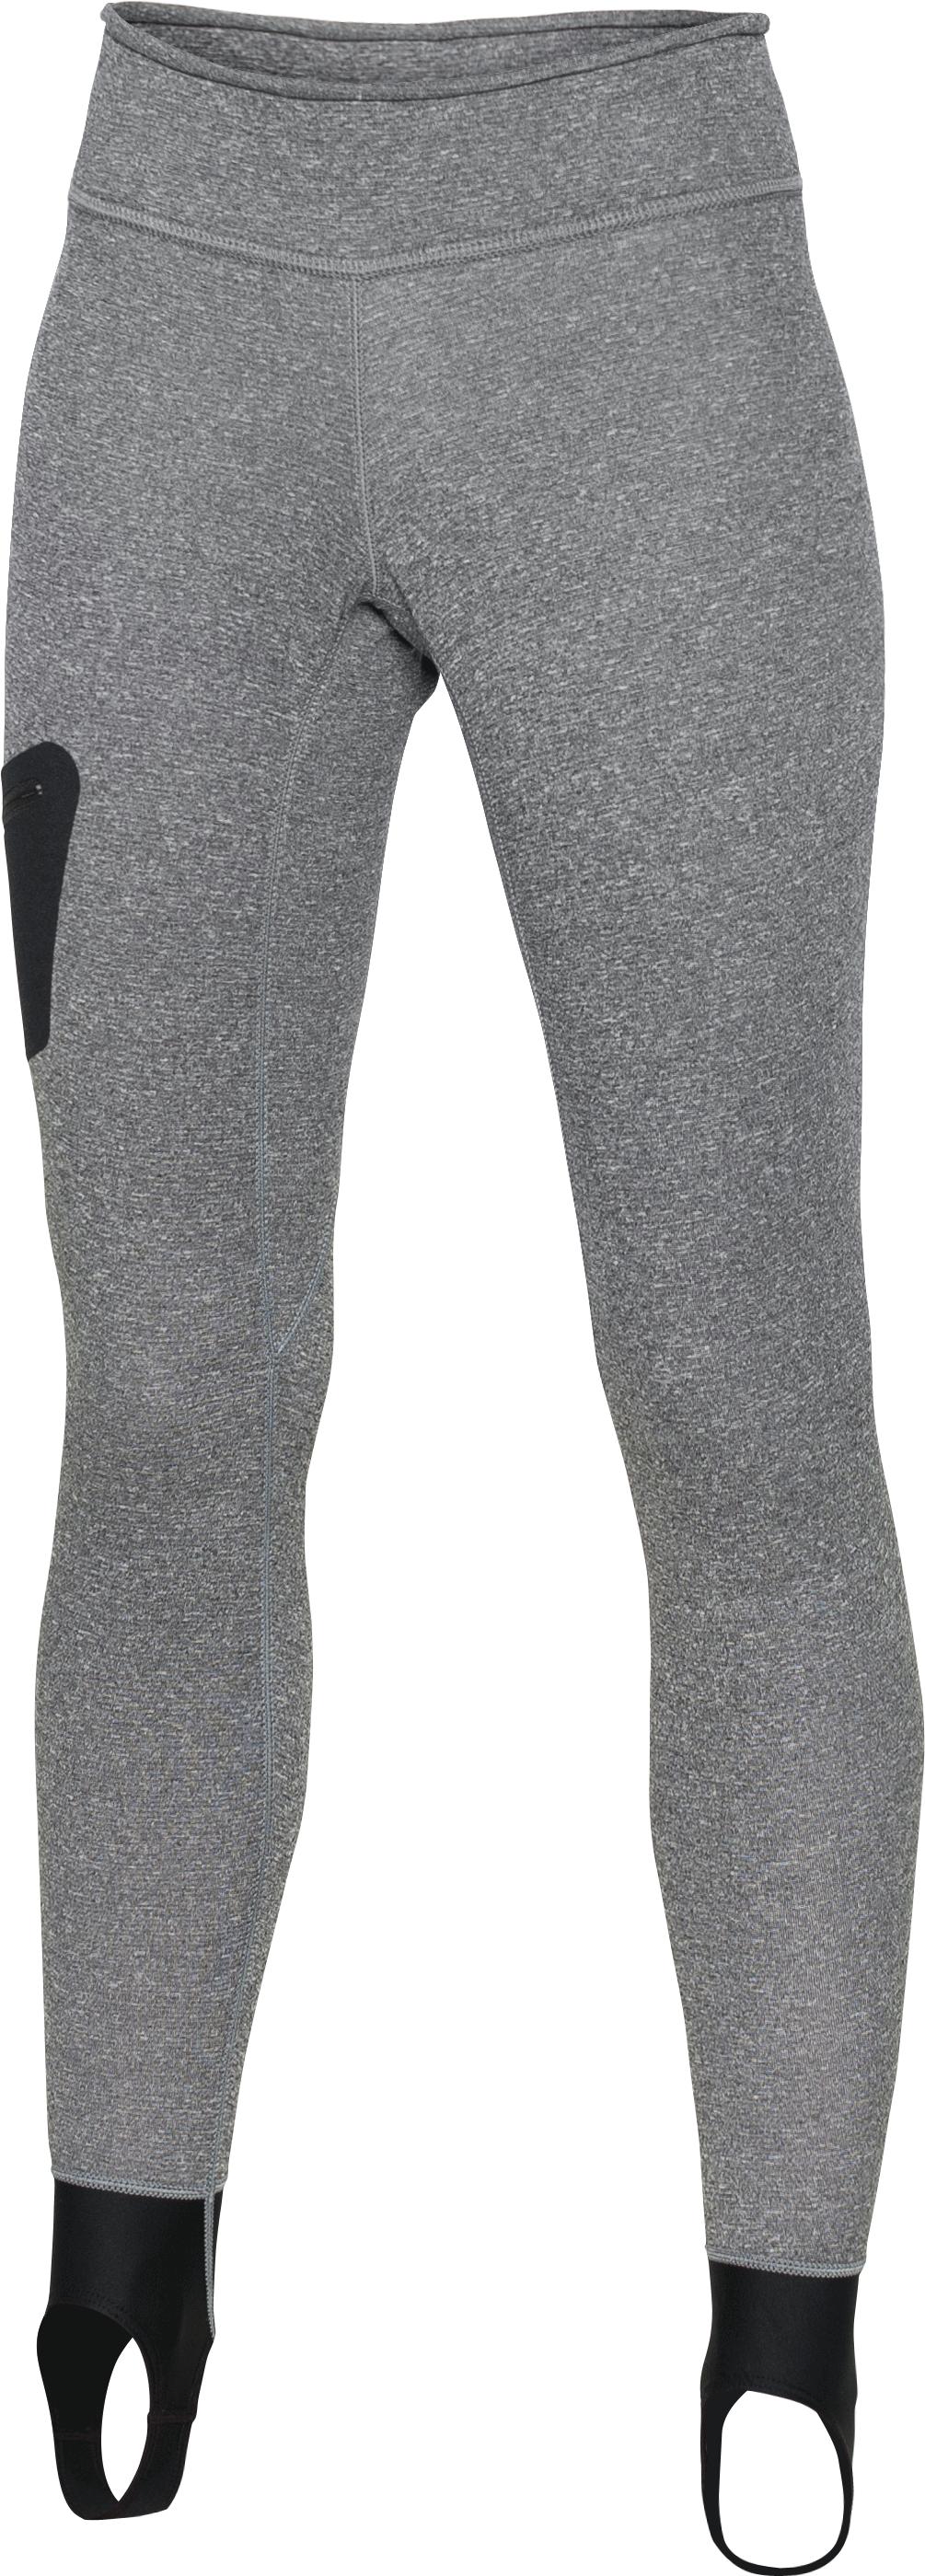 Base Layer Pant